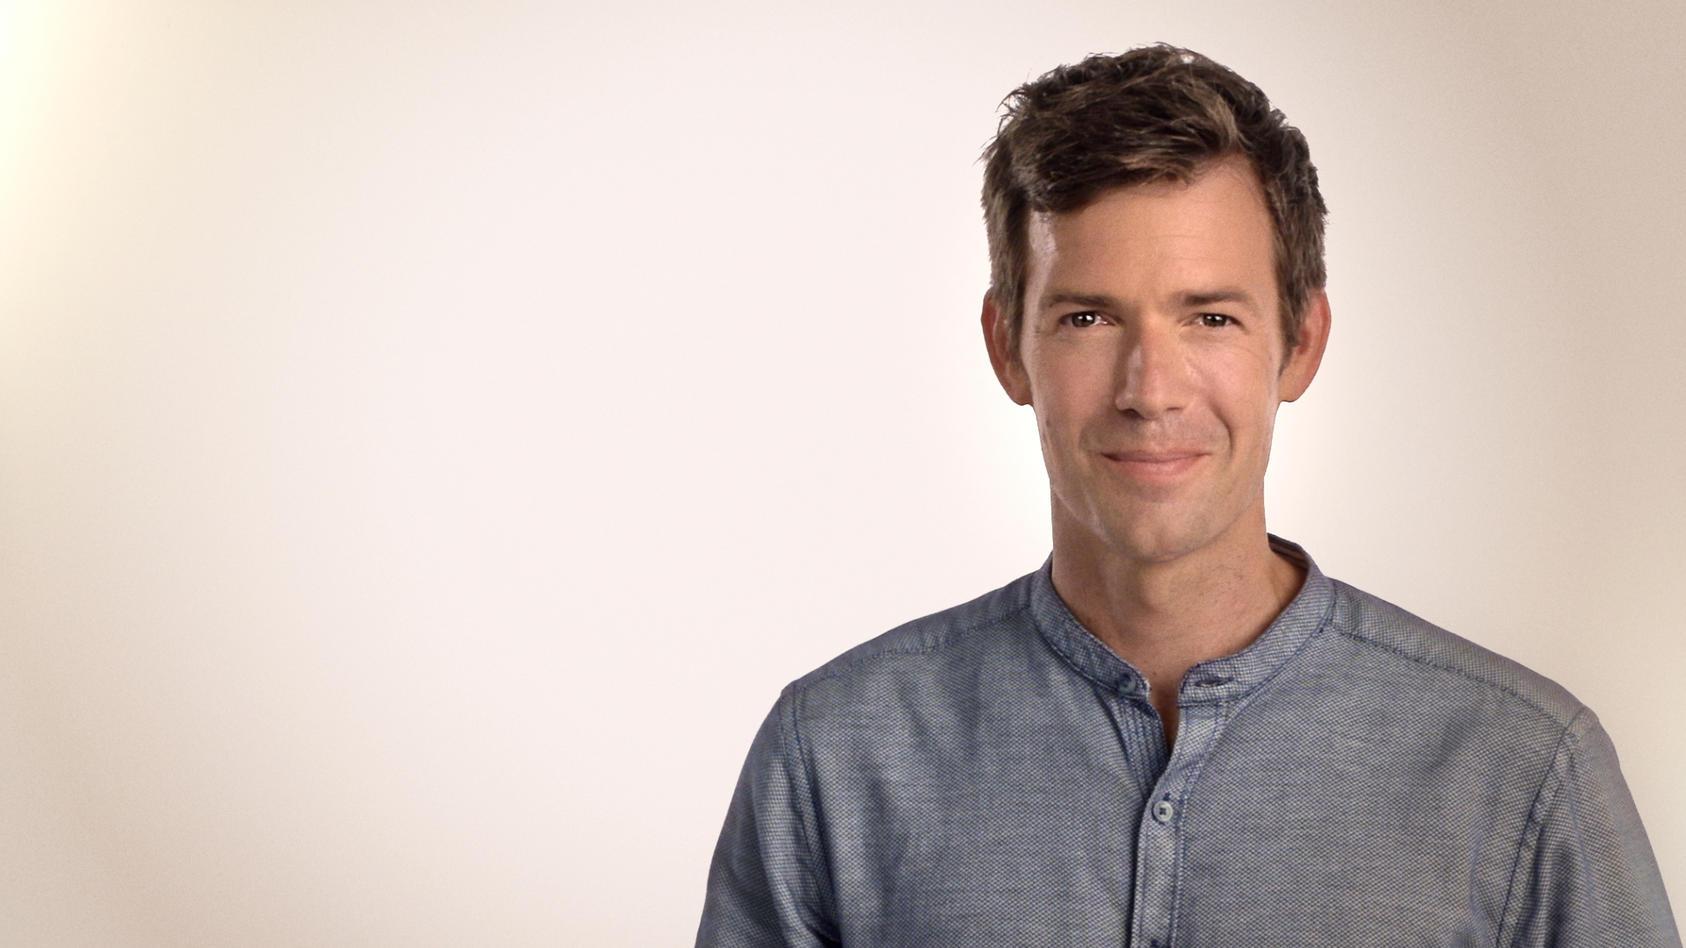 RTL-Moderator Maik Meuser kämpft gegen Lebensmittelverschwendung.